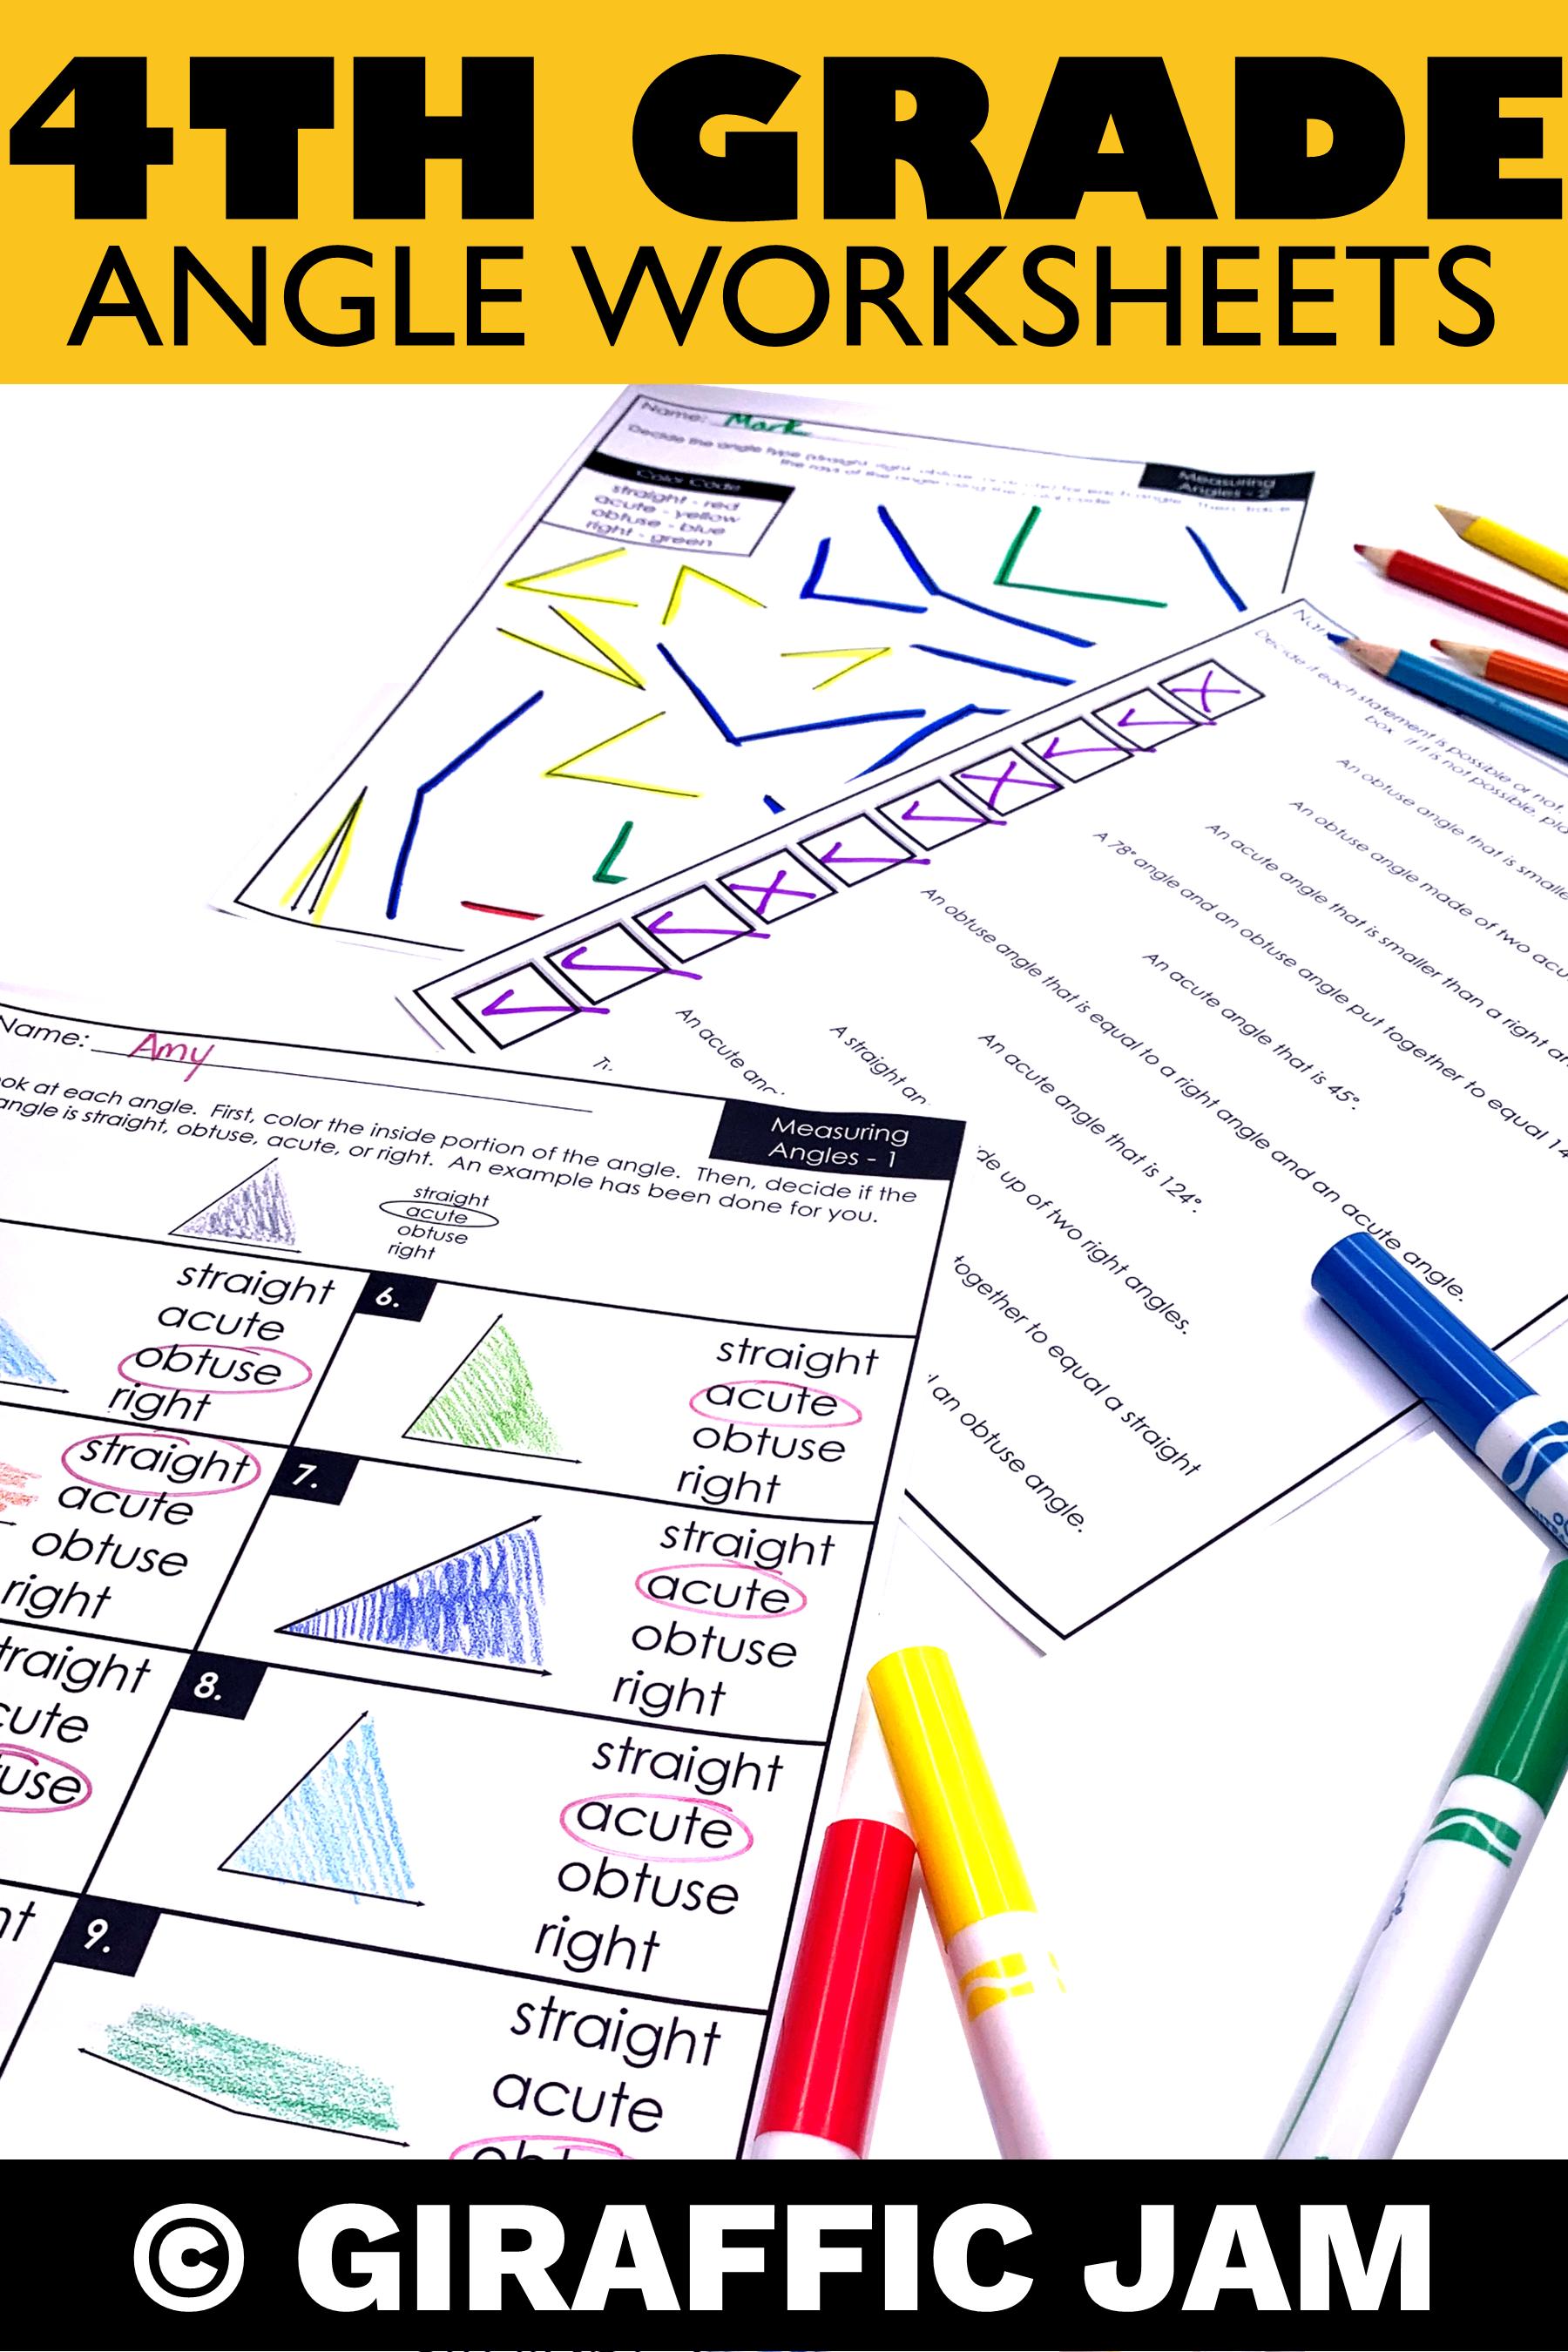 4th Grade Angle Measurement Worksheets With Digital Google Slides Version Measurement Homework Measurement Worksheets Angles Worksheet [ 2700 x 1800 Pixel ]